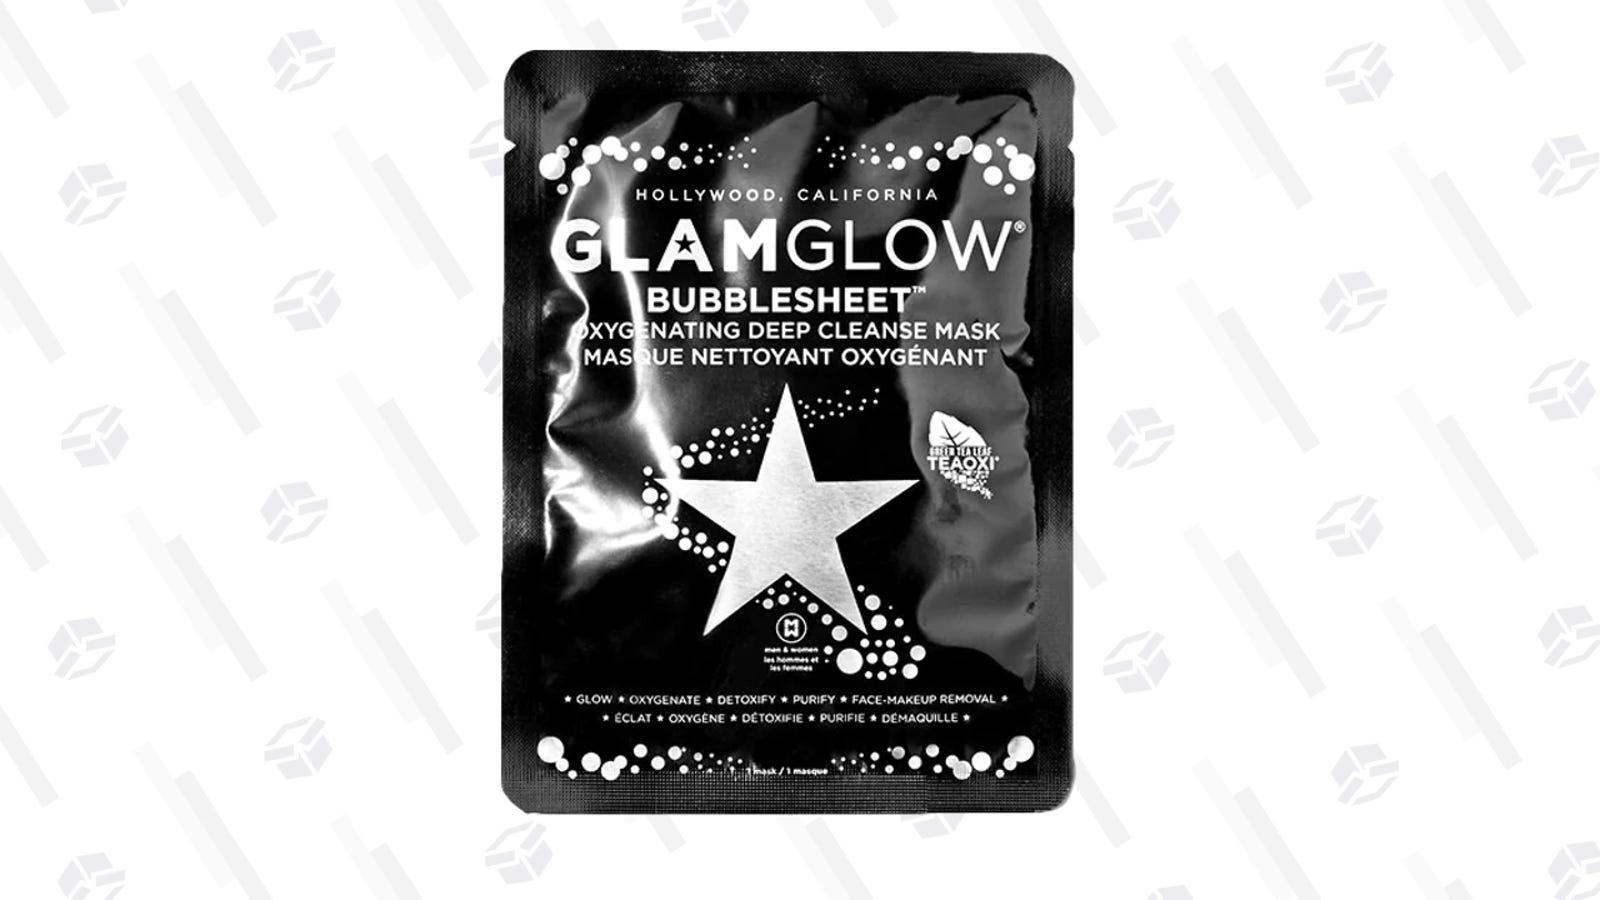 BubbleSheet Mask | $9 | GlamGlow